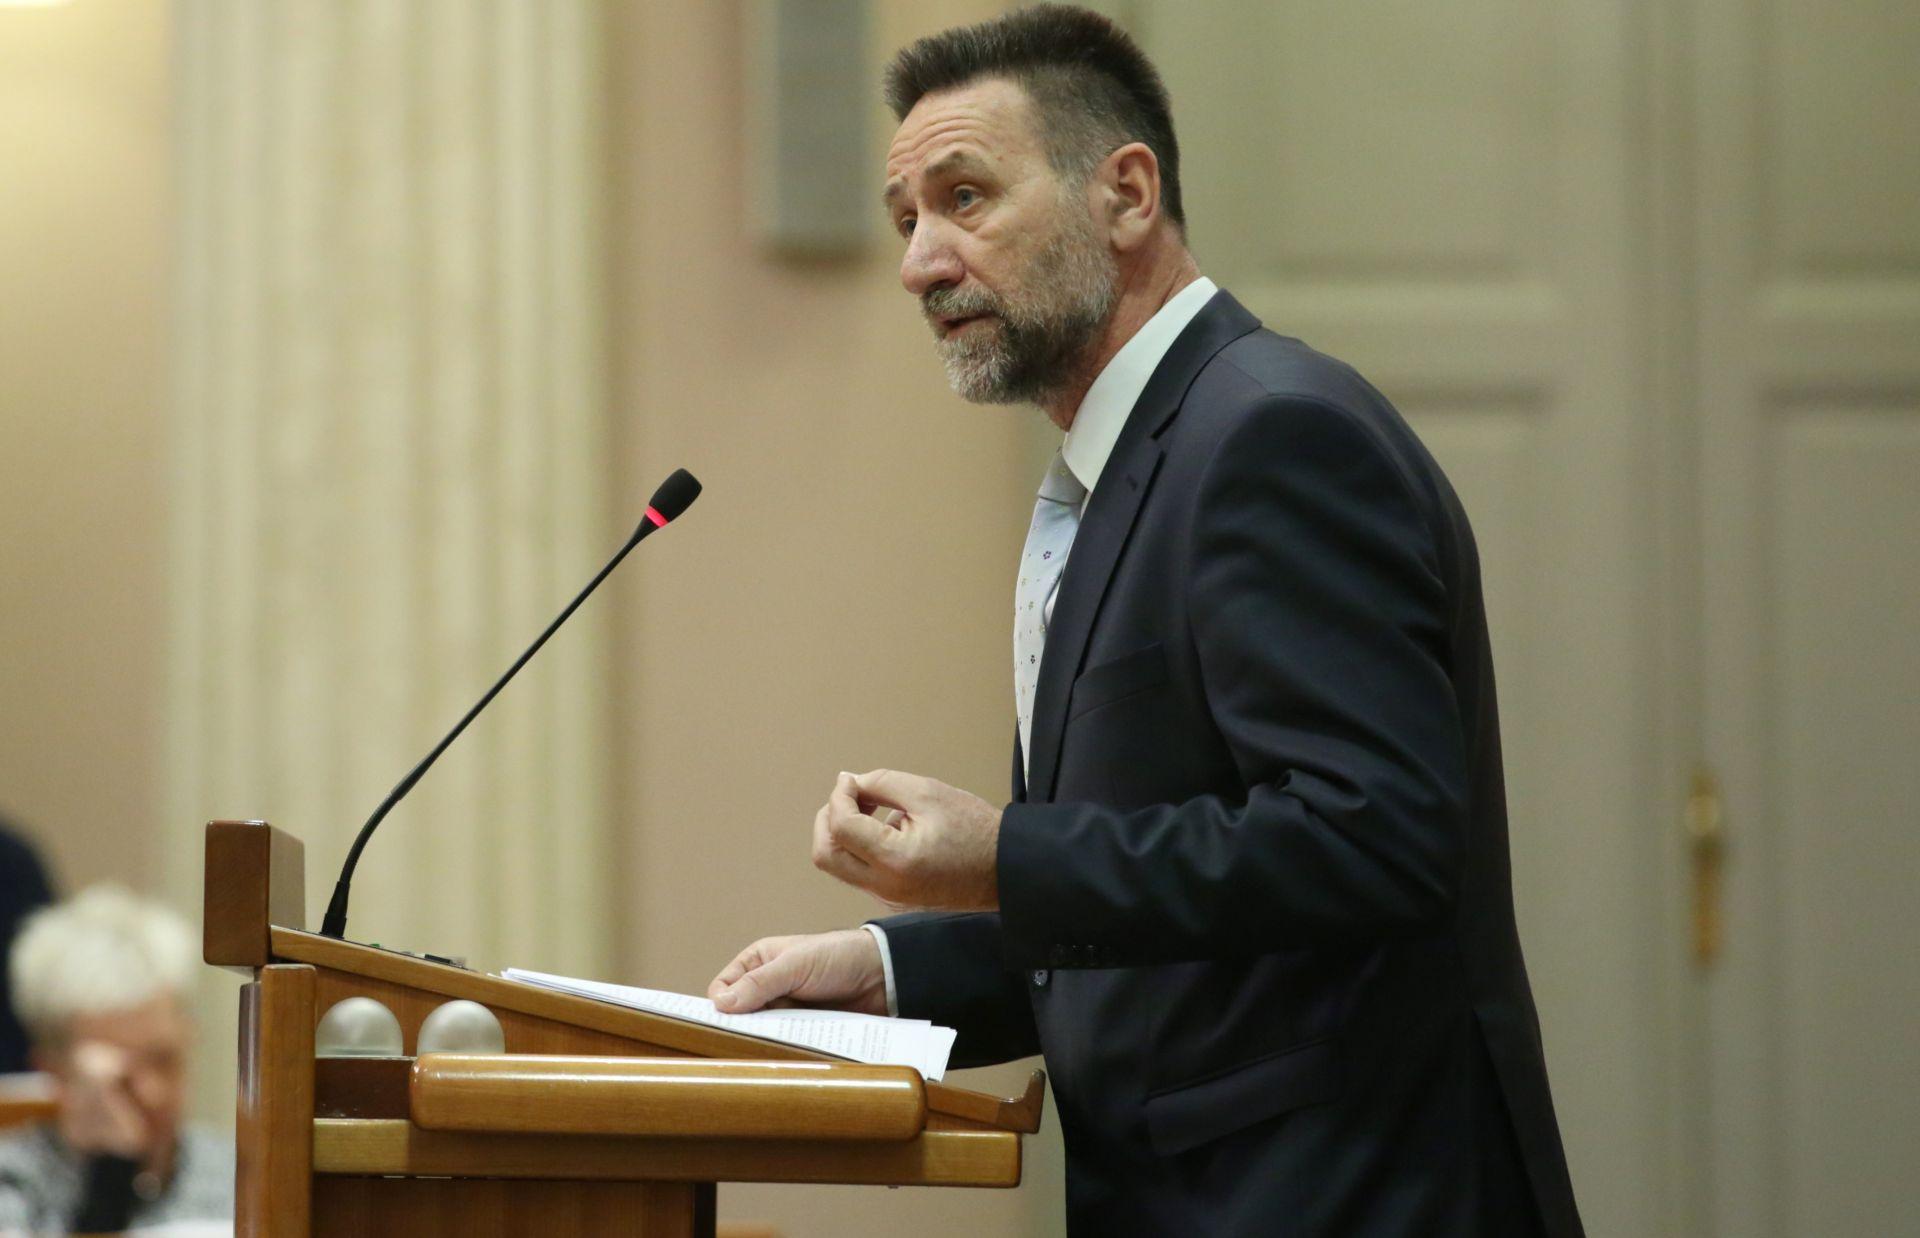 MINISTAR BARIŠIĆ: 'Žrtva sam medijskog linča'